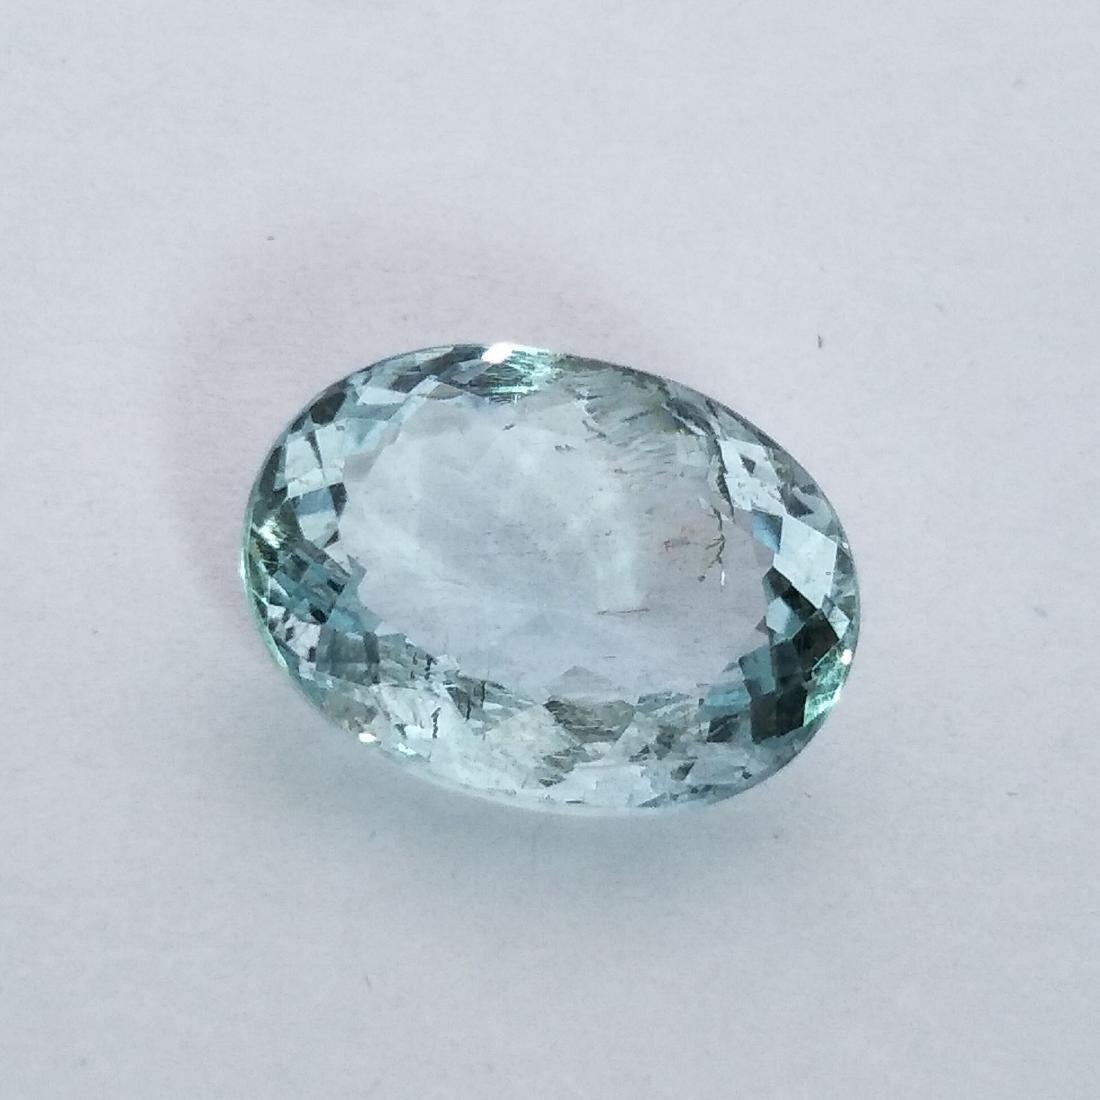 Aquamarine - 5.02 ct - 2